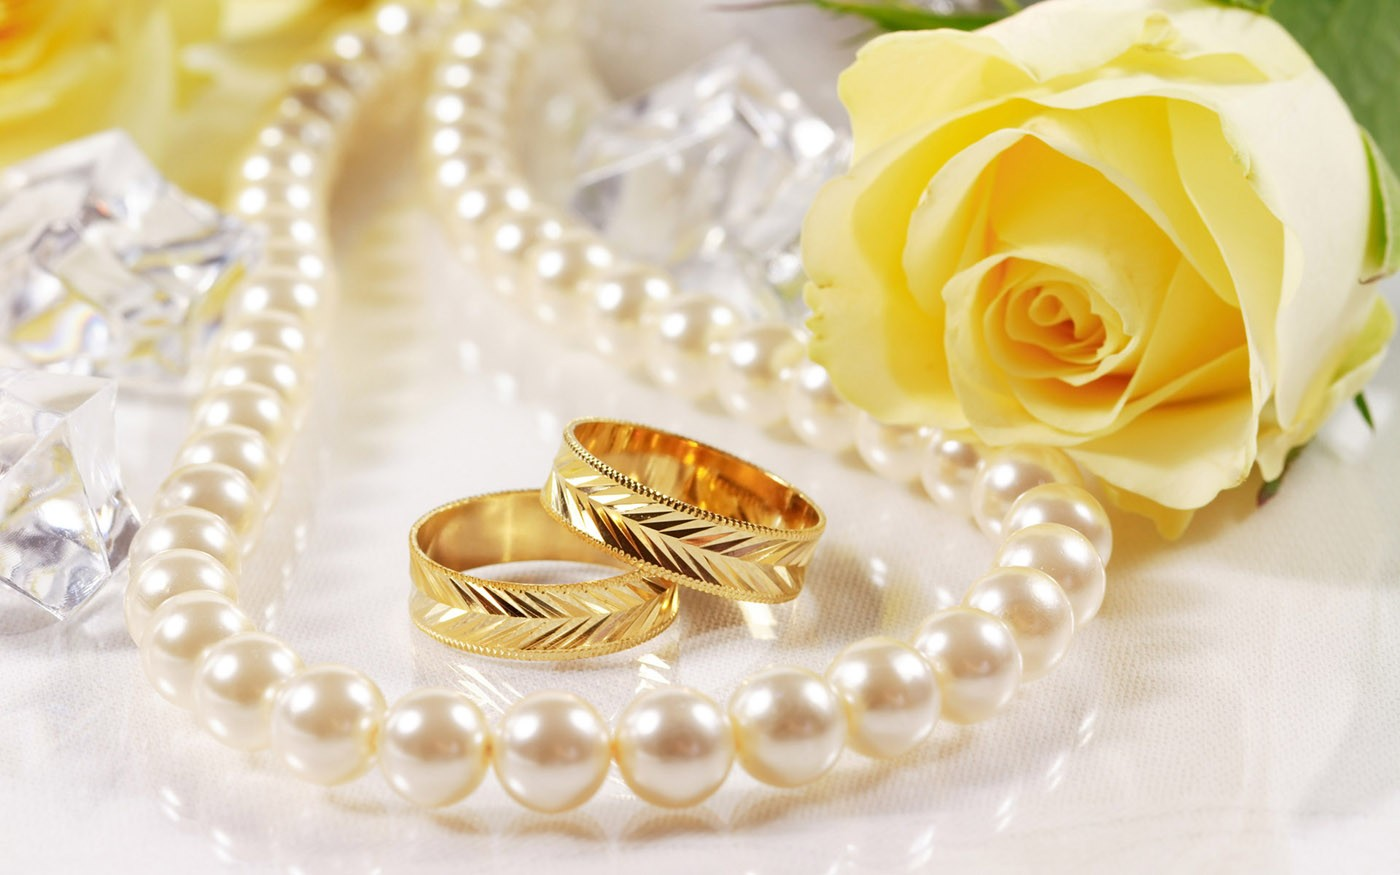 اگر میخواهید انگشتری جدا از حلقه عروسی بخرید چیزی انتخاب کنید که باعث نشود حلقه به چشم نیاید